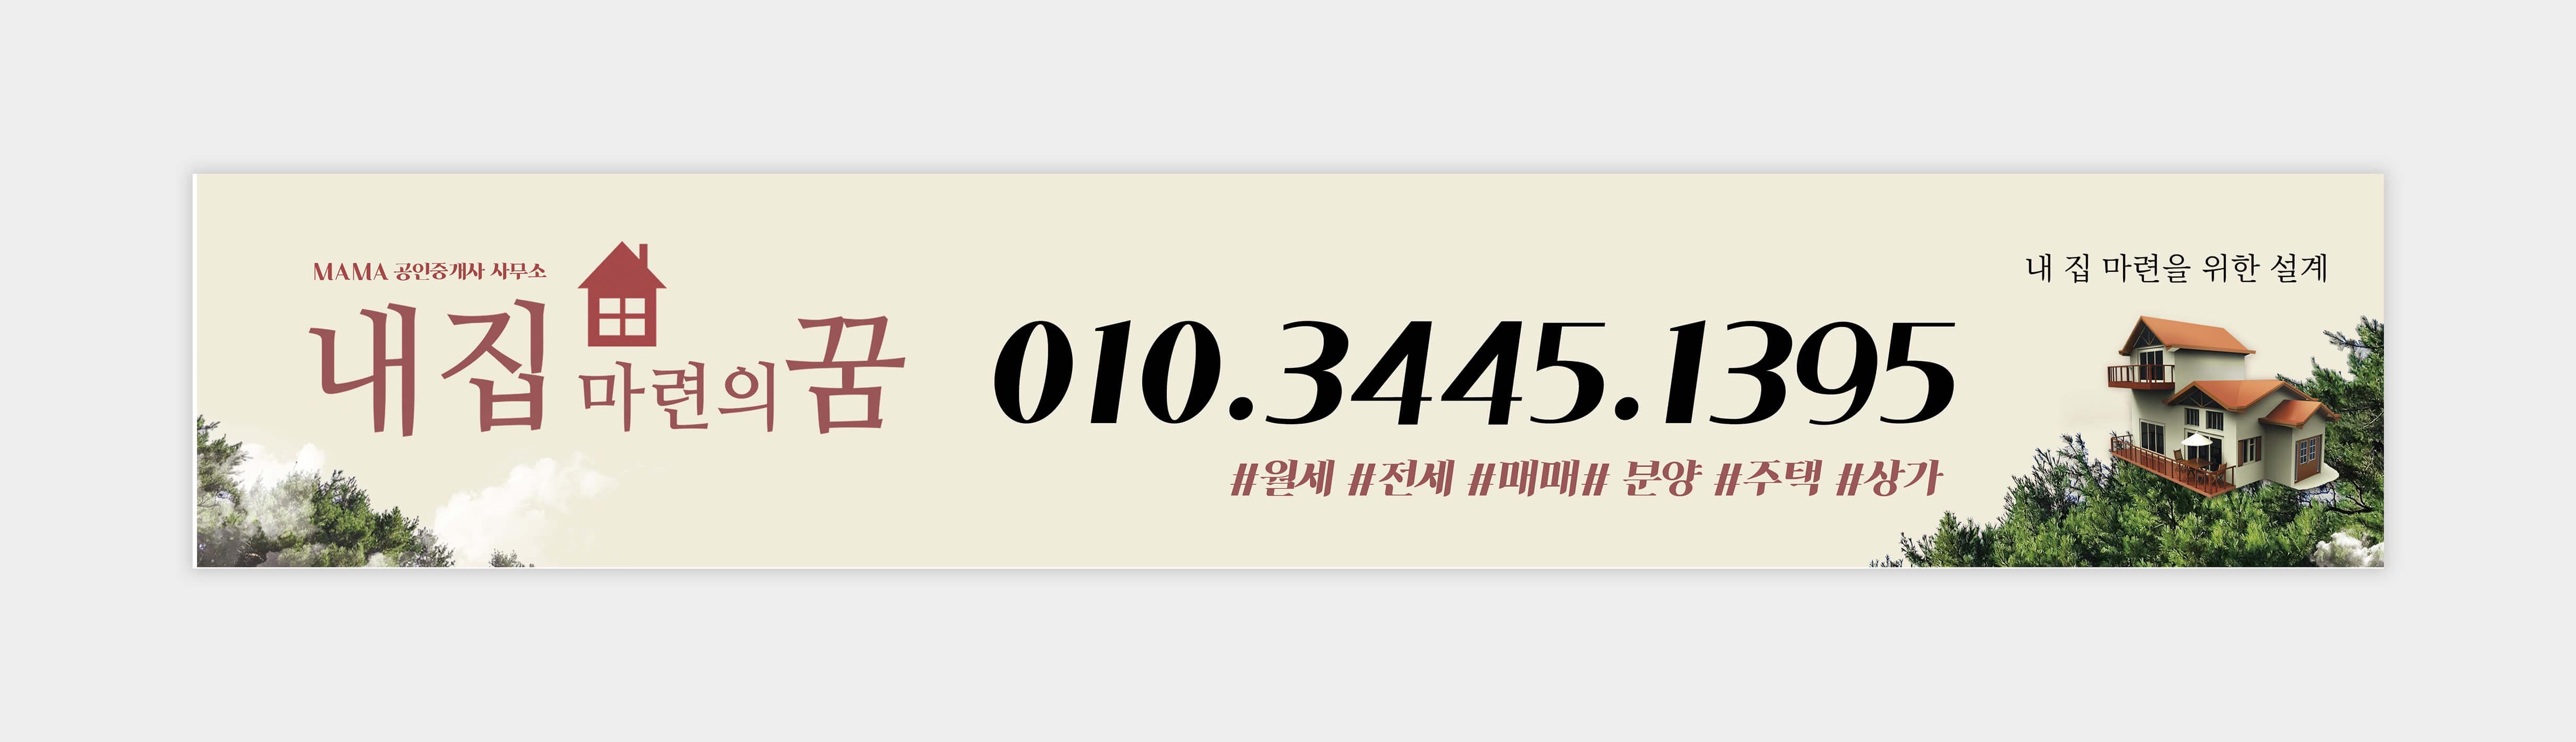 현수막_090